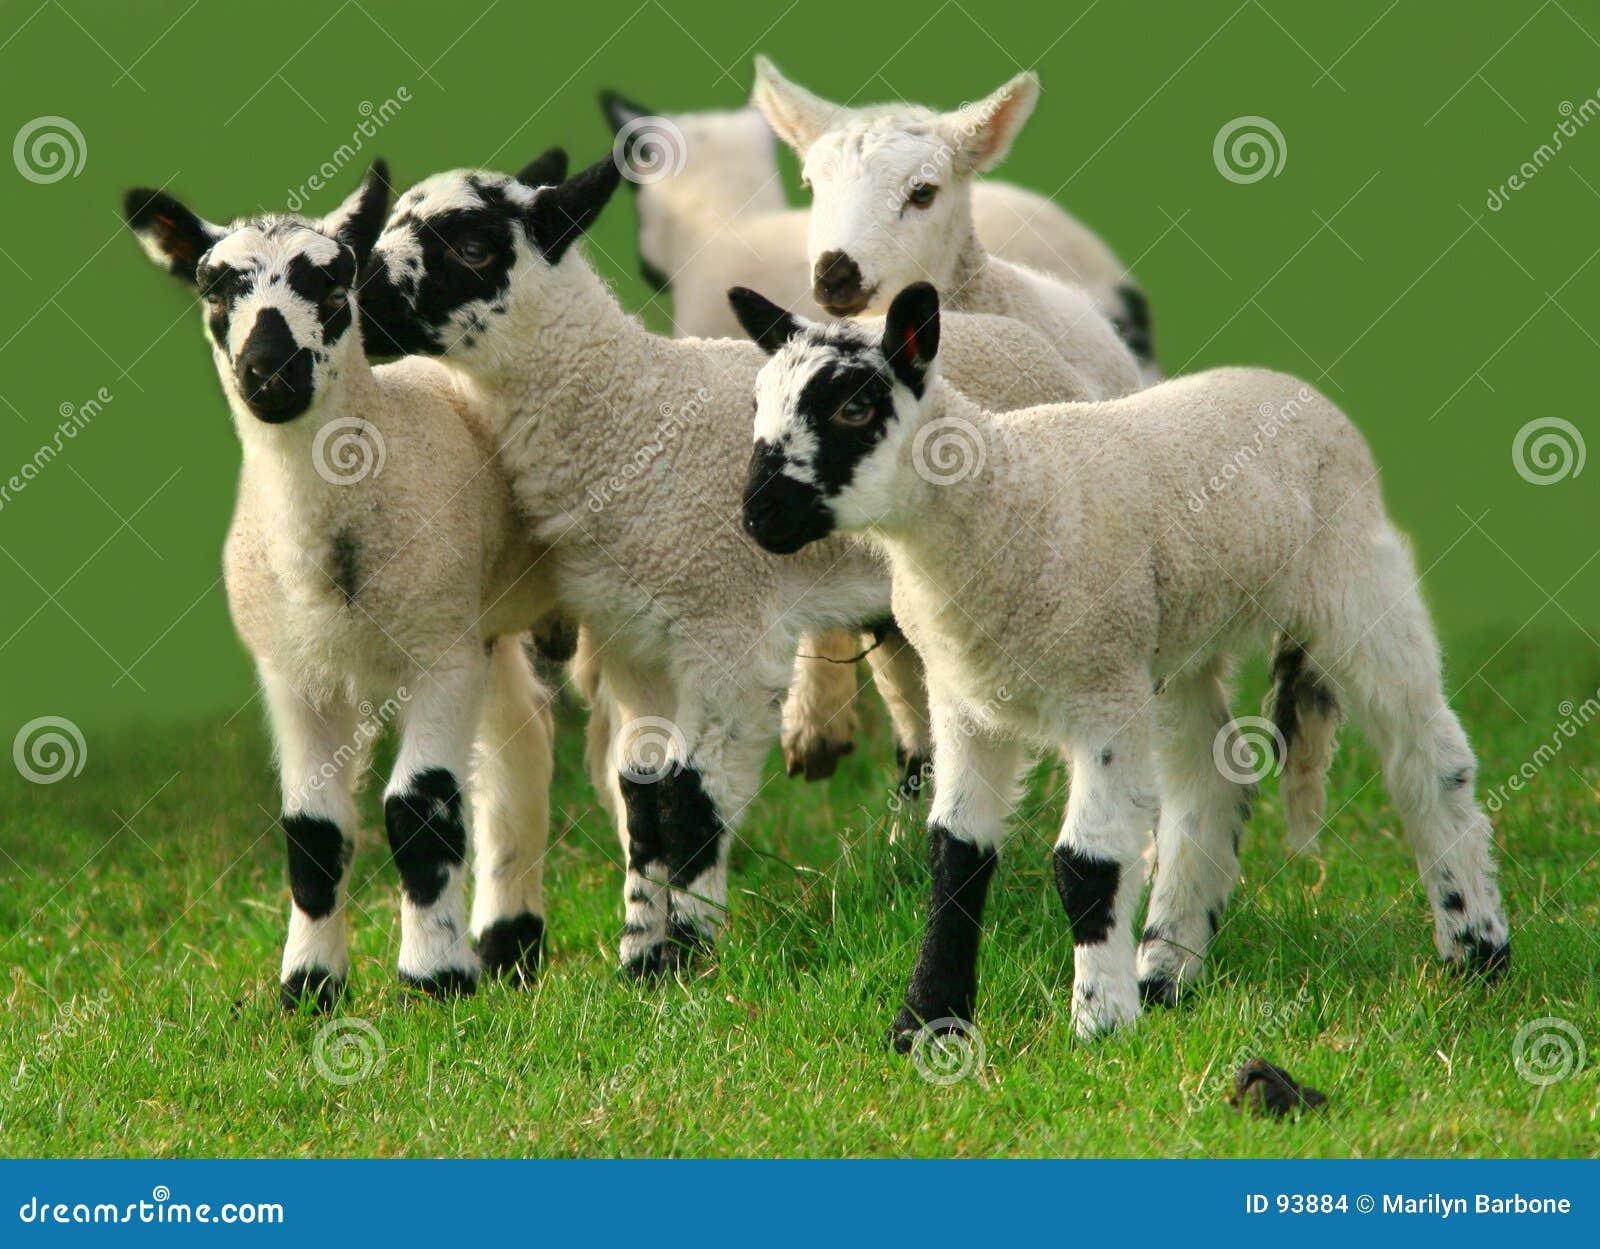 Gioco degli agnelli